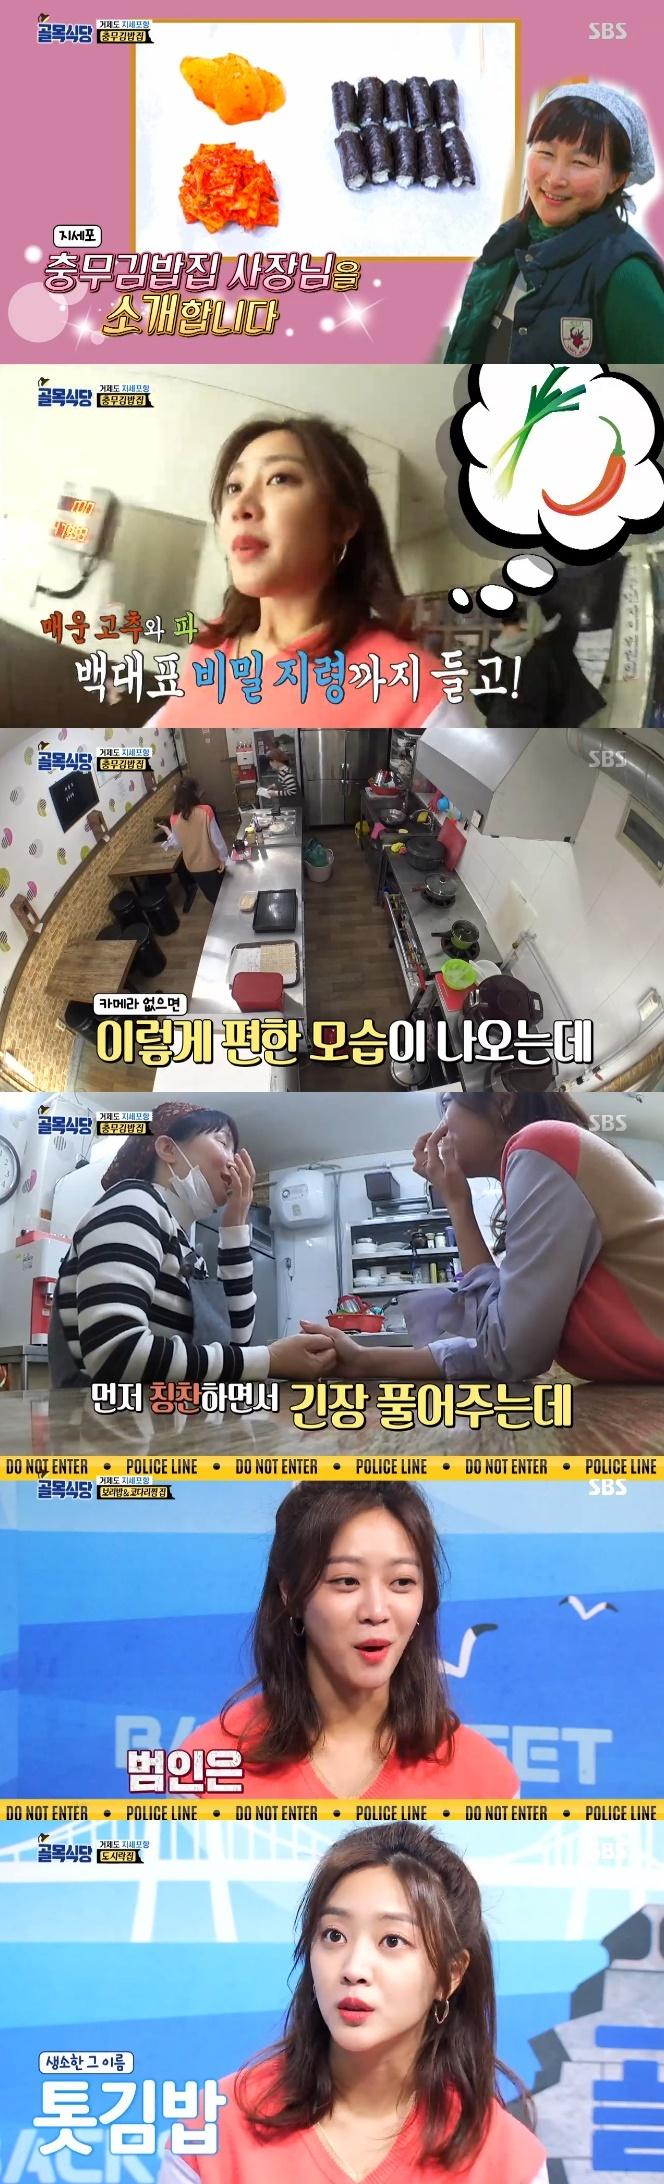 [RE:TV] '골목식당' 조보아, 울렁증 극복하게 만든 '공감요정'